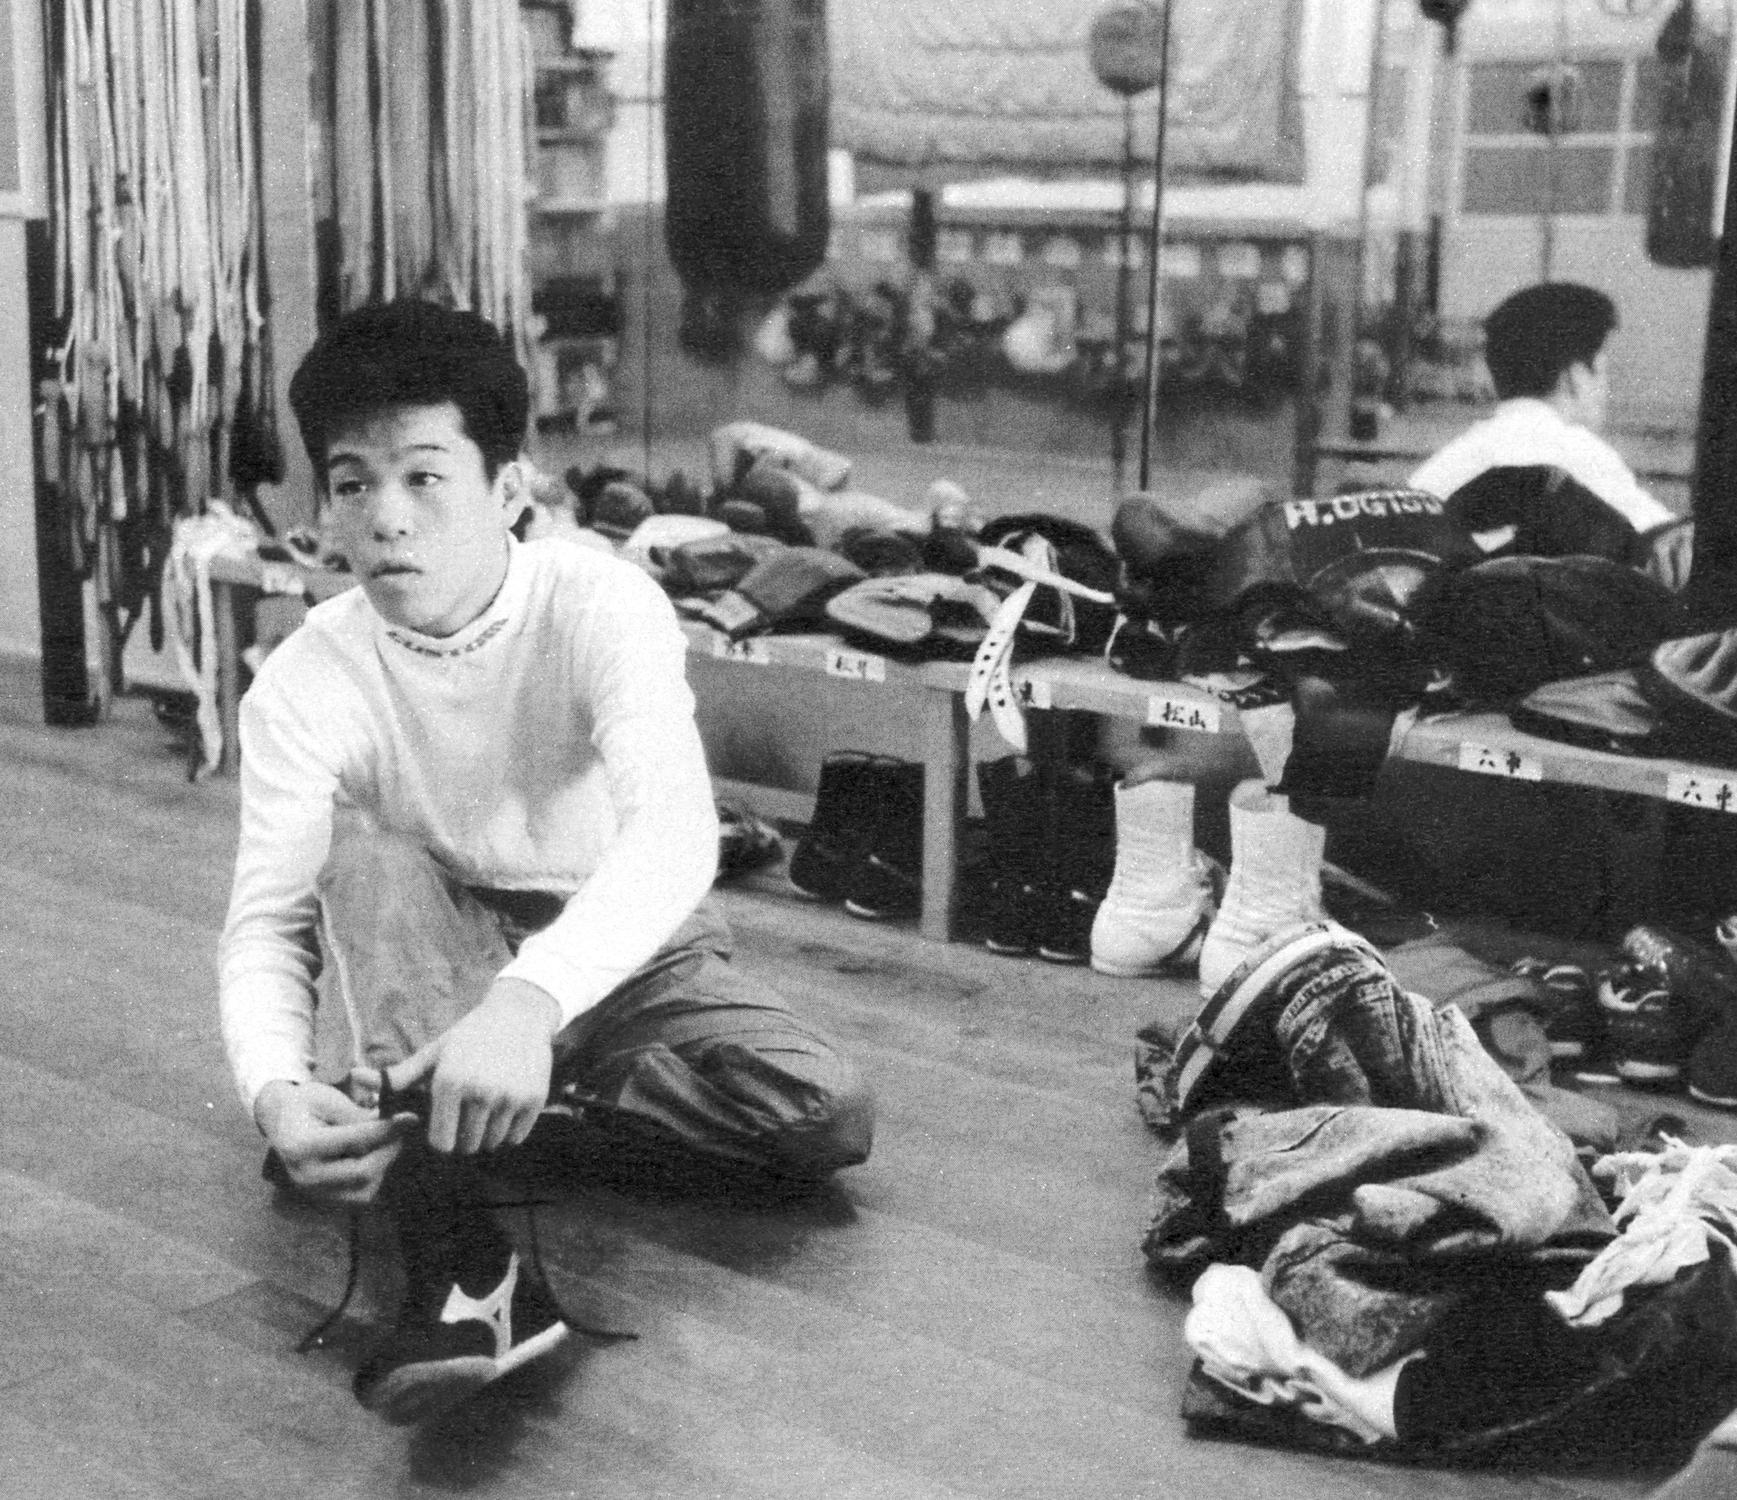 1987年10月9日=大阪帝拳ジム 初取材初対面第一声「俺なんか取材しても、しゃあないでしょ」いやいや取材できて良かったです!